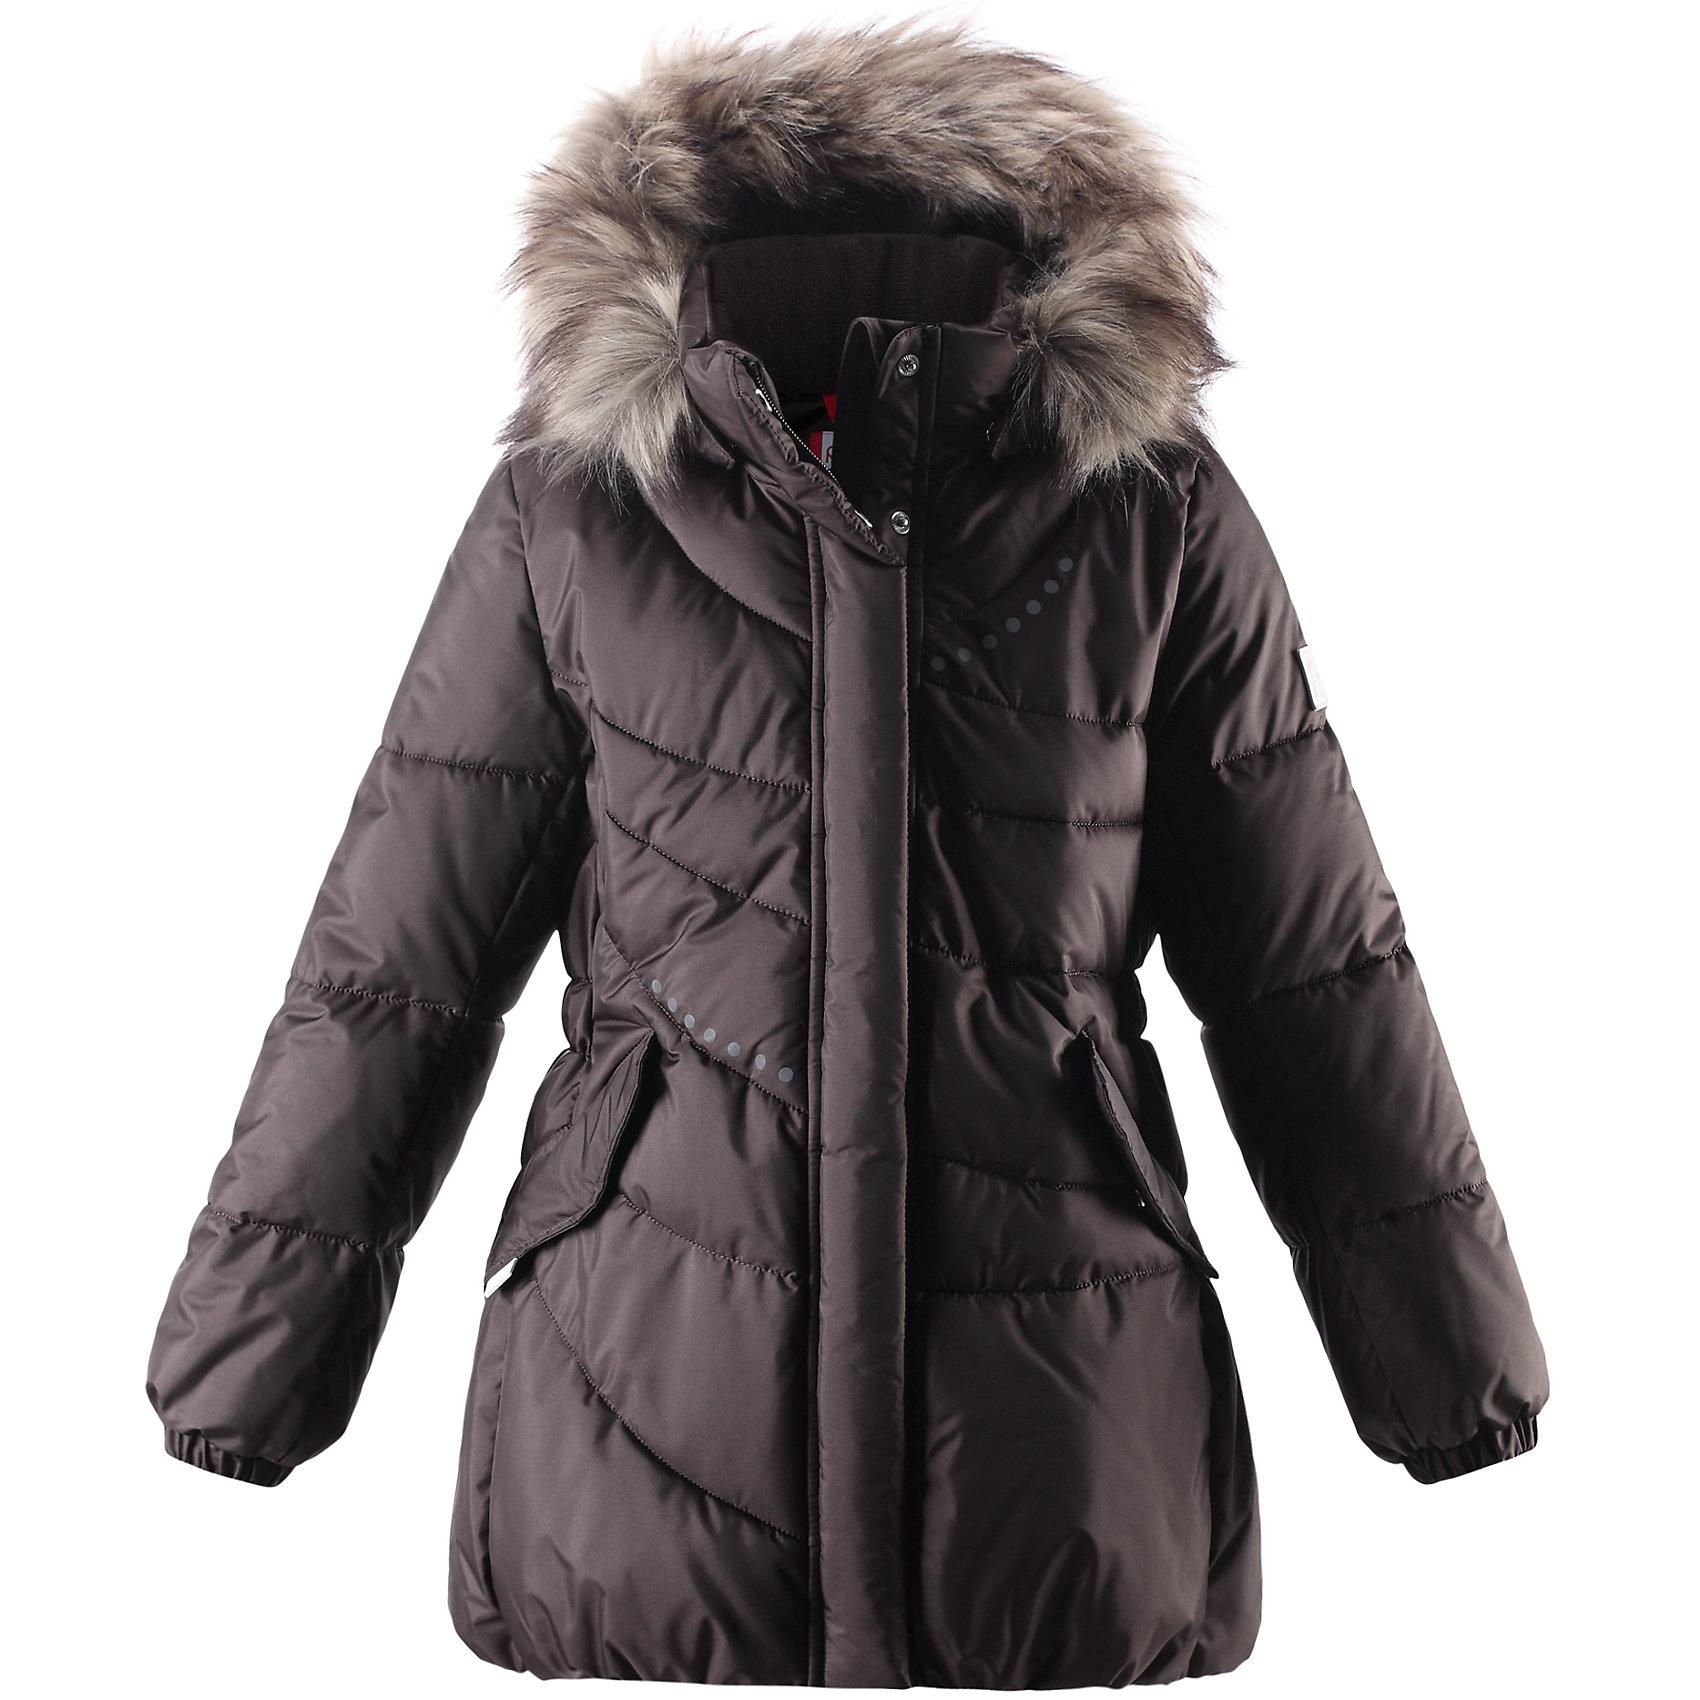 Пальто для девочки ReimaВ морозные зимние дни без пуха не обойтись! Этот красивый пуховик для девочек имеет слегка удлинённый покрой и капюшон, украшенный стильным отстёгивающимся искусственным мехом. Пуховик пошит из ветронепроницаемого дышащего материала, который отталкивает воду и грязь, чтобы обеспечить тепло и комфорт в морозные зимние дни. Гладкая подкладка из полиэстера облегчает процесс одевания и удобно носится с тёплыми промежуточными слоями. Эта элегантная модель украшена эластичным кантом сзади на талии и стильной асимметричной строчкой, а декоративные отражающие детали придают изюминку этому зимнему пуховику. Съёмный и регулируемый капюшон не только защищает от холодного ветра, но и безопасен во время игр на свежем воздухе. Если закреплённый кнопками капюшон зацепится за что-нибудь, он легко отстегнётся.<br><br>Дополнительная информация:<br><br>Средняя степень утепления: до -20<br>Тёплое водоотталкивающее пальто для девочки-подростка<br>Безопасный съёмный капюшон с отстёгивающейся отделкой из искусственного меха<br>Эластичный кант сзади на талии<br>Два боковых кармана с клапанами<br><br>Пальто  для девочки Reima (Рейма можно купить в нашем магазине.<br><br>Ширина мм: 356<br>Глубина мм: 10<br>Высота мм: 245<br>Вес г: 519<br>Цвет: коричневый<br>Возраст от месяцев: 48<br>Возраст до месяцев: 60<br>Пол: Женский<br>Возраст: Детский<br>Размер: 110,104,134,128,122,116<br>SKU: 4320098